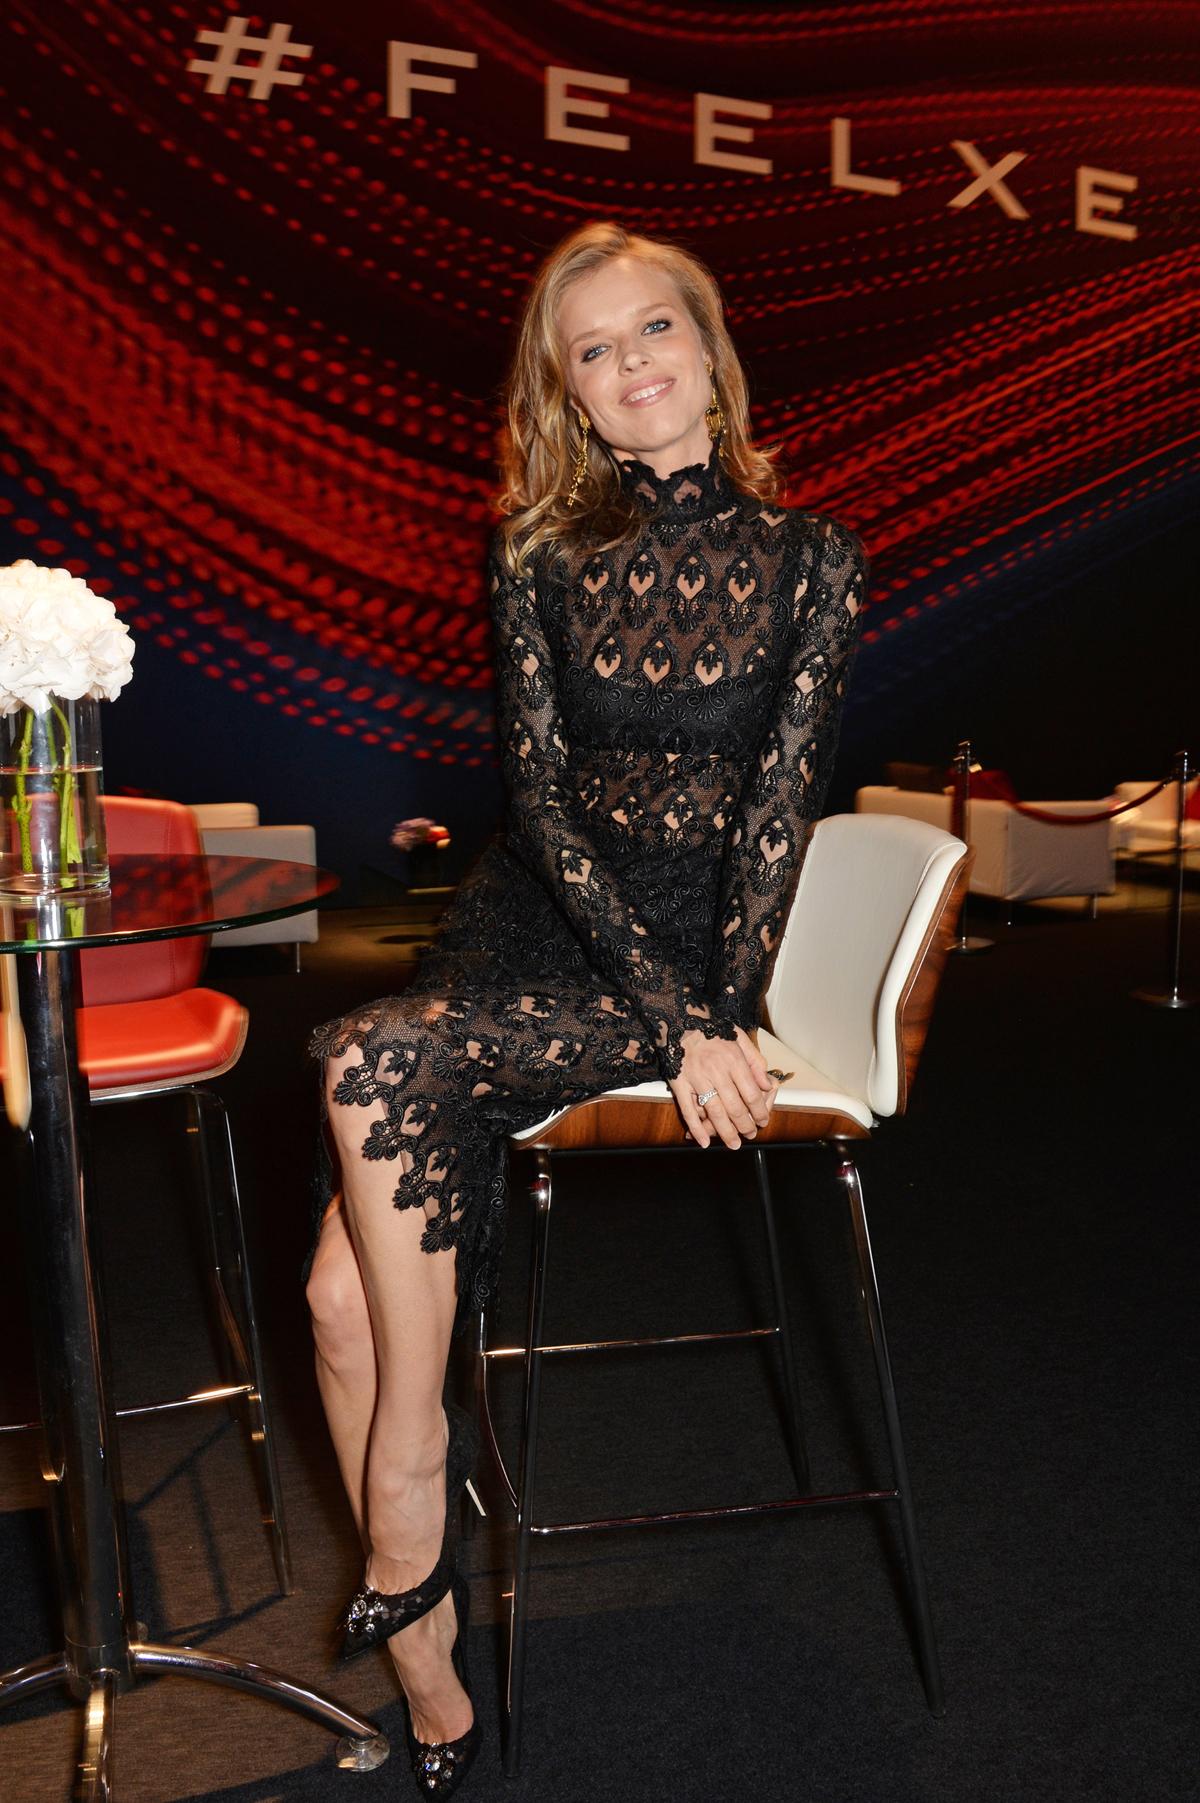 Eva Herzigova at Jaguar XE launch party